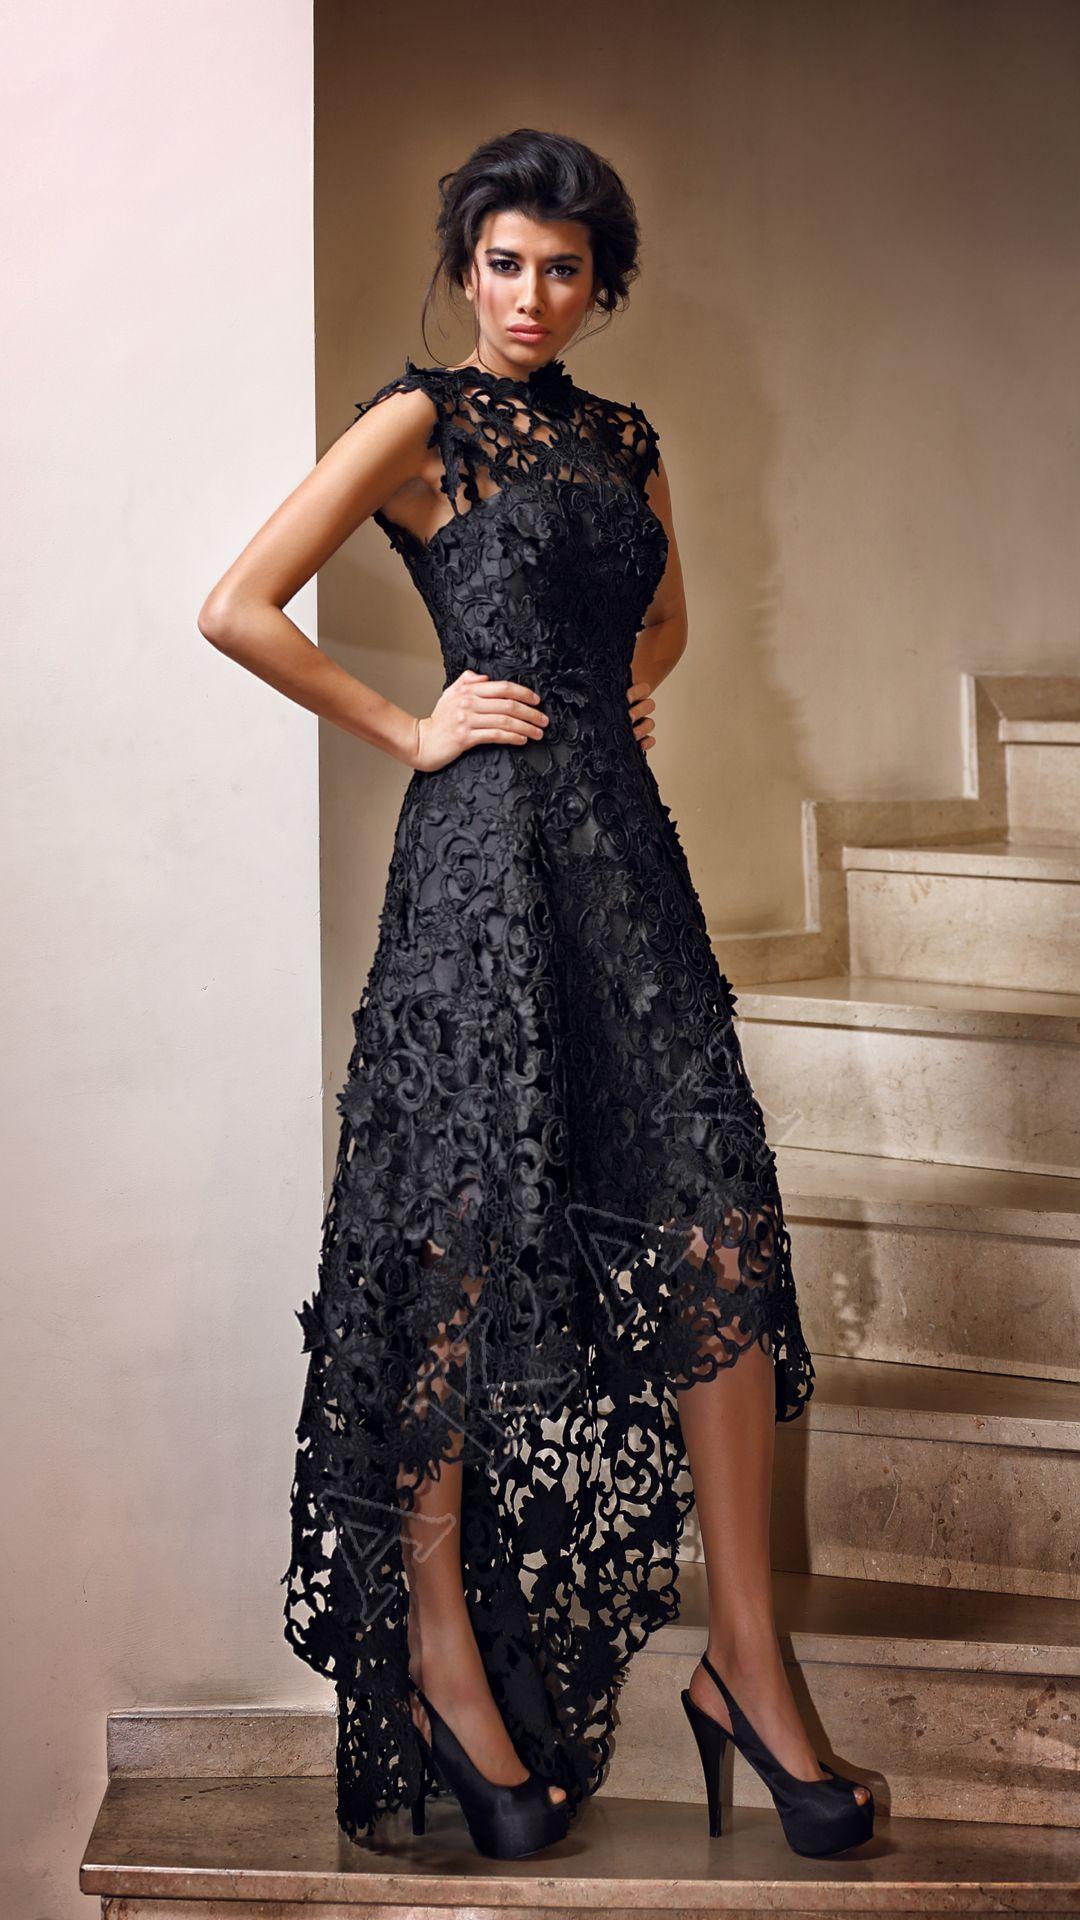 Pin On Turk Moda Tasarimcilar Haute Couture